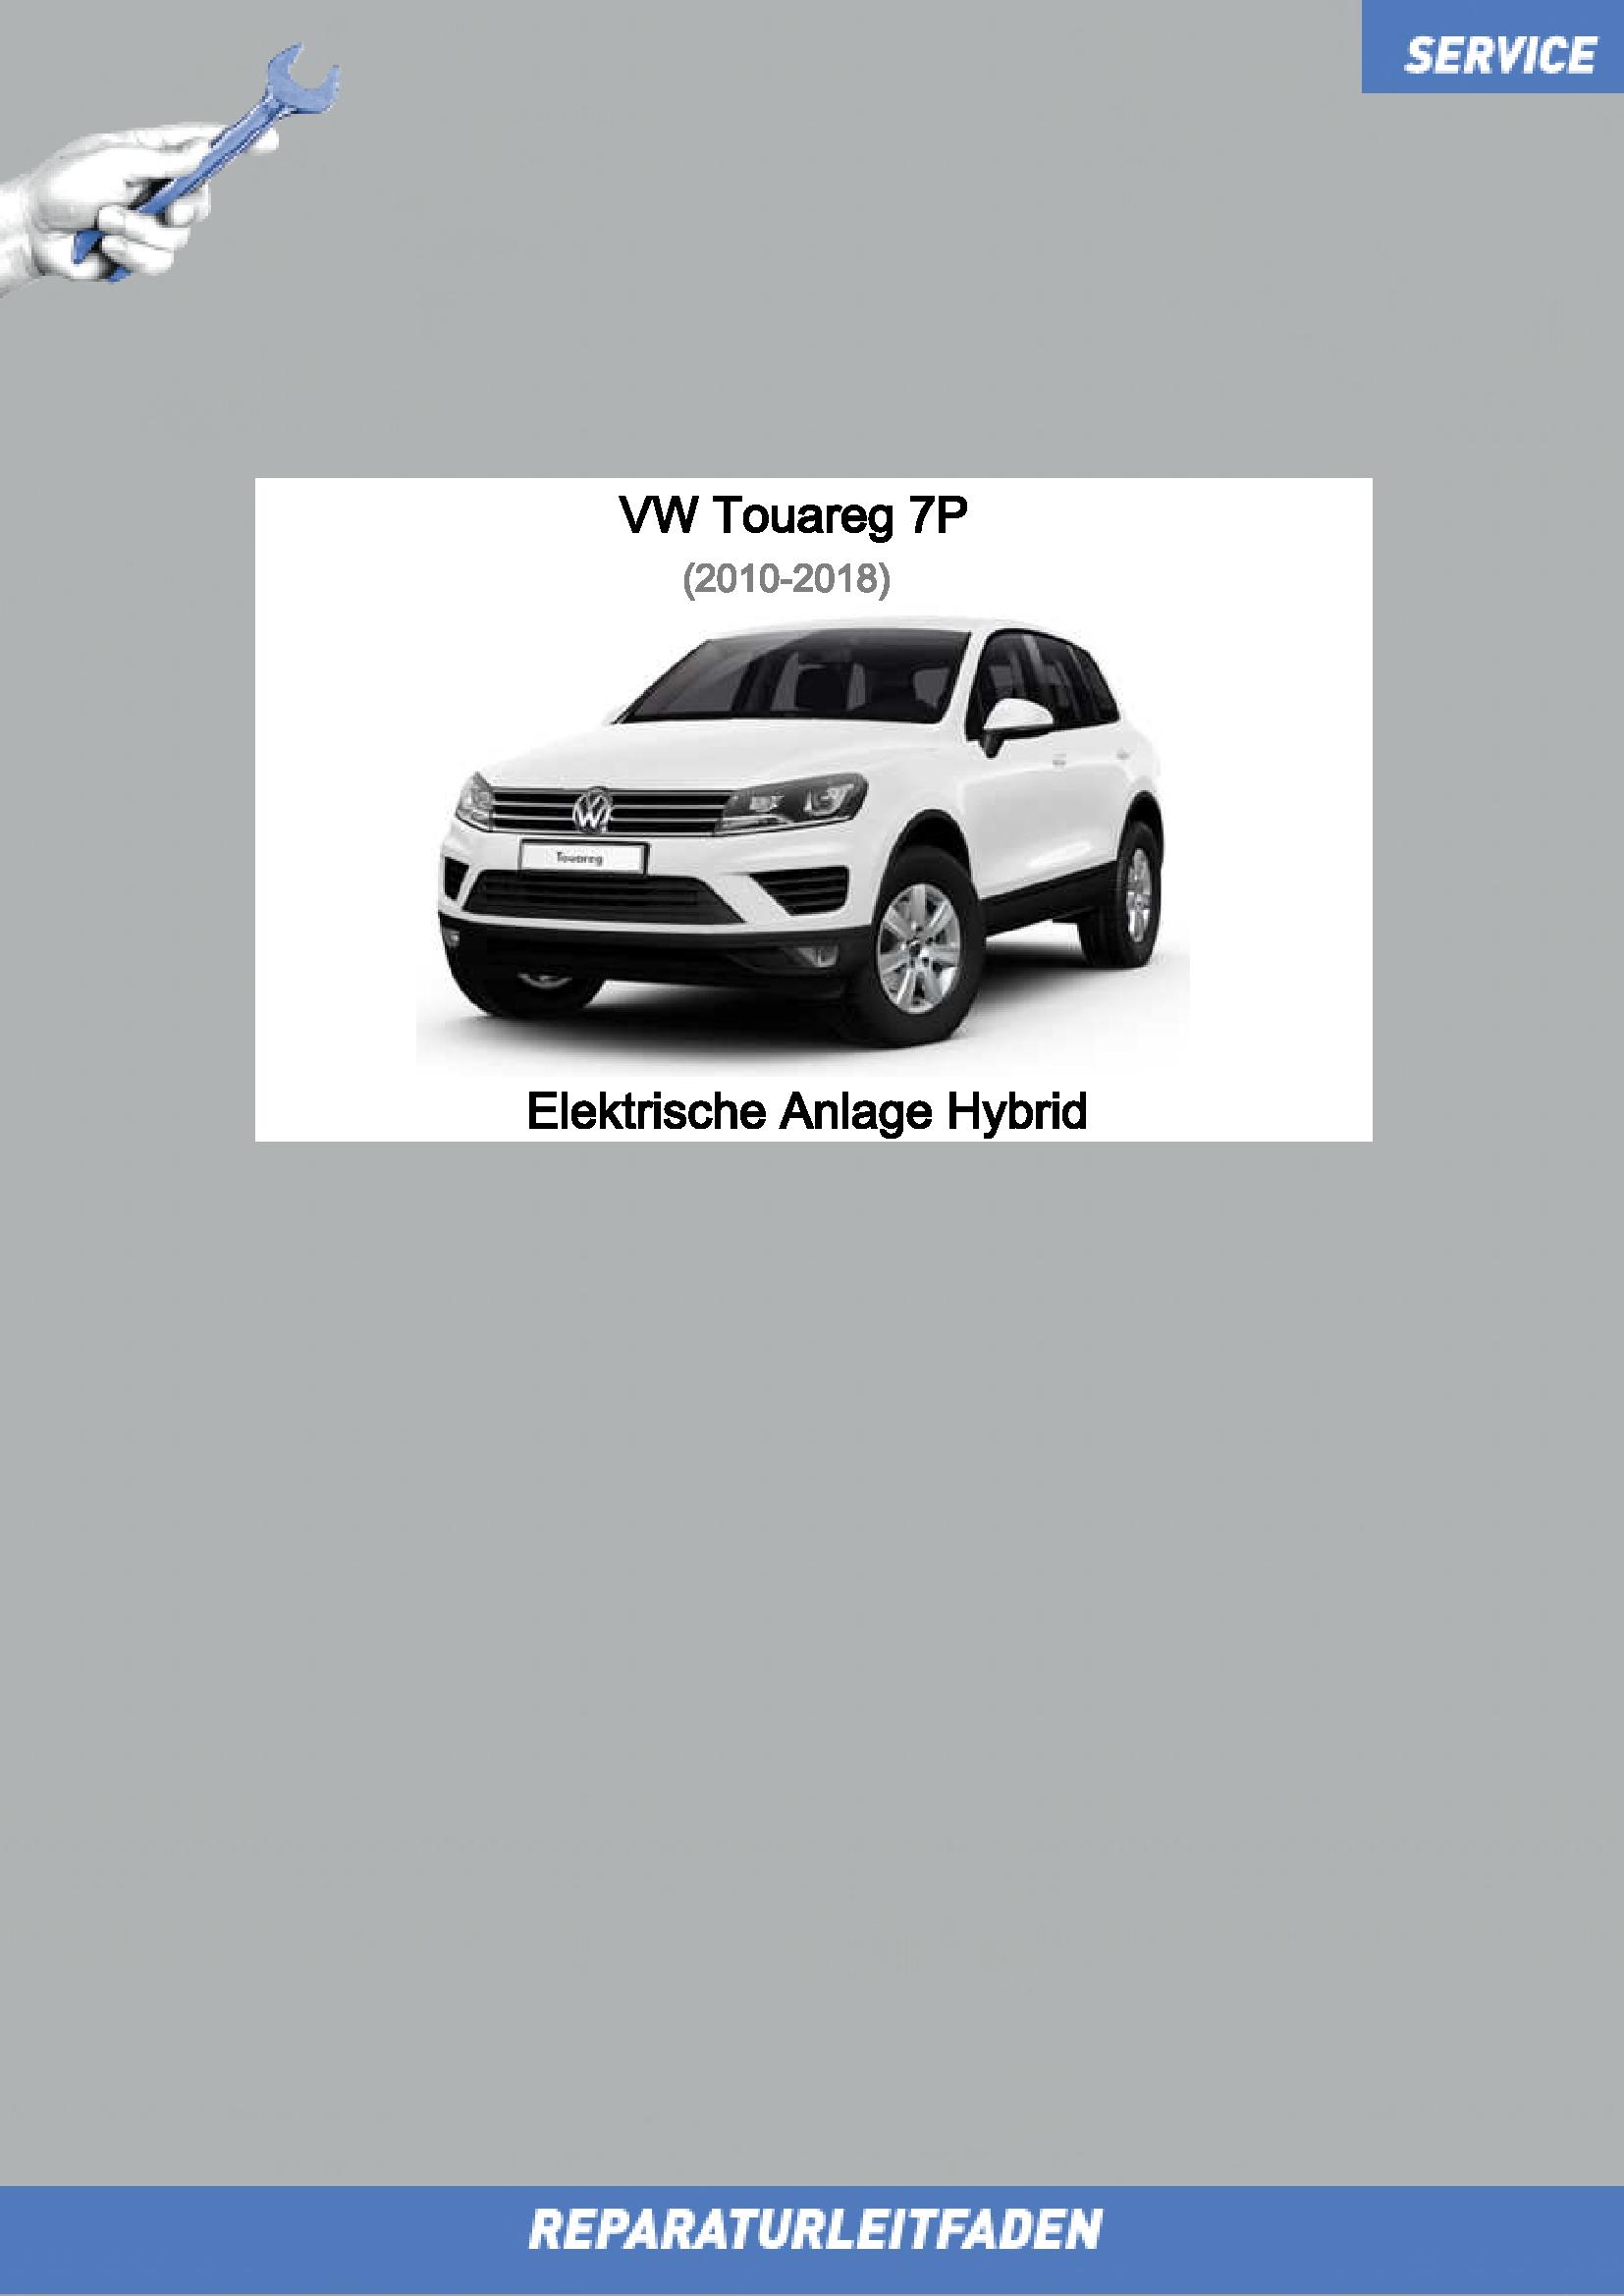 vw-touareg-7p-0004-elektrische_anlage_hybrid_1.png